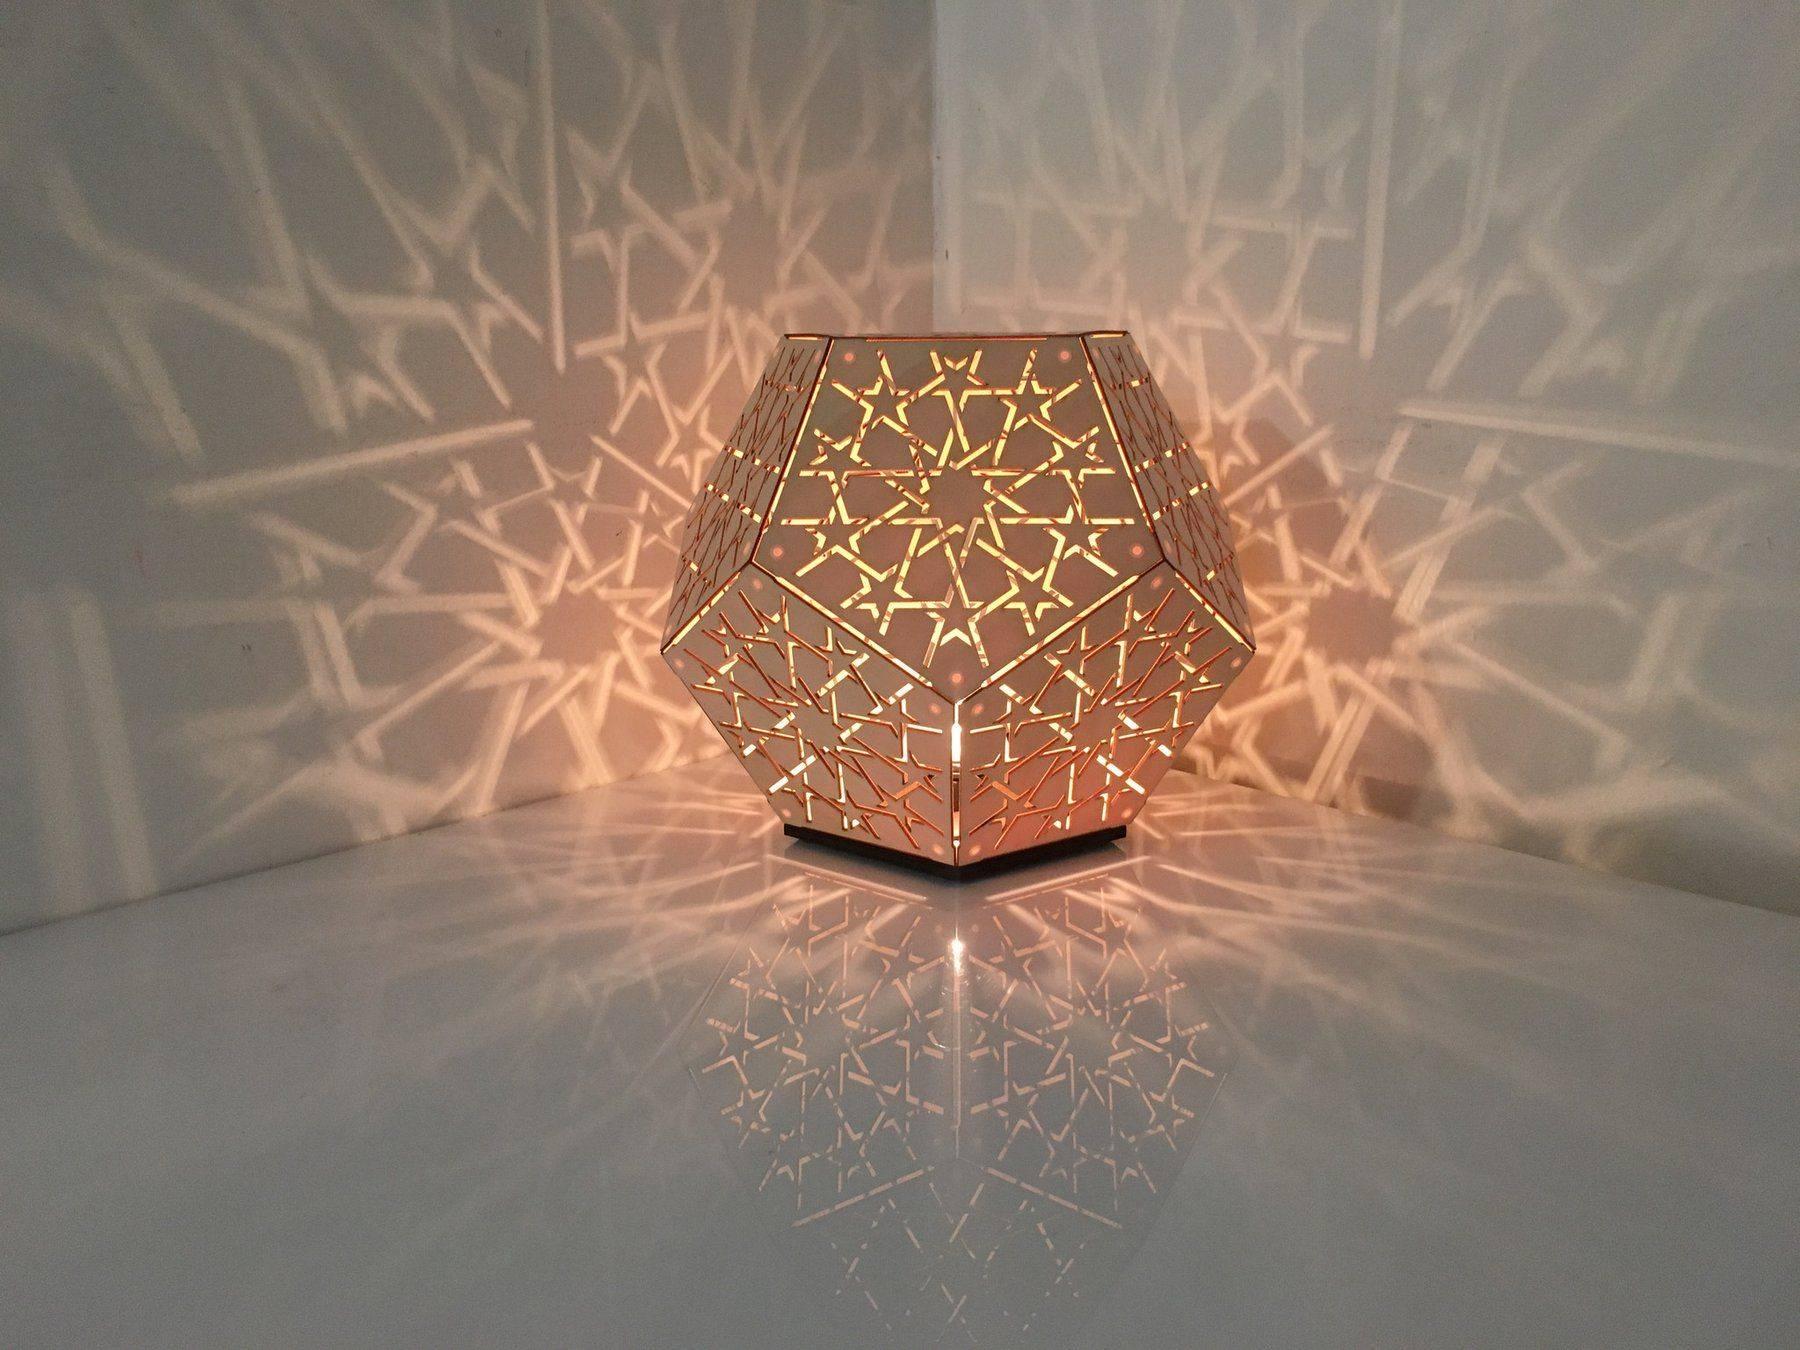 Как сделать светильник из оргстекла своими руками: фото потолочных светильников